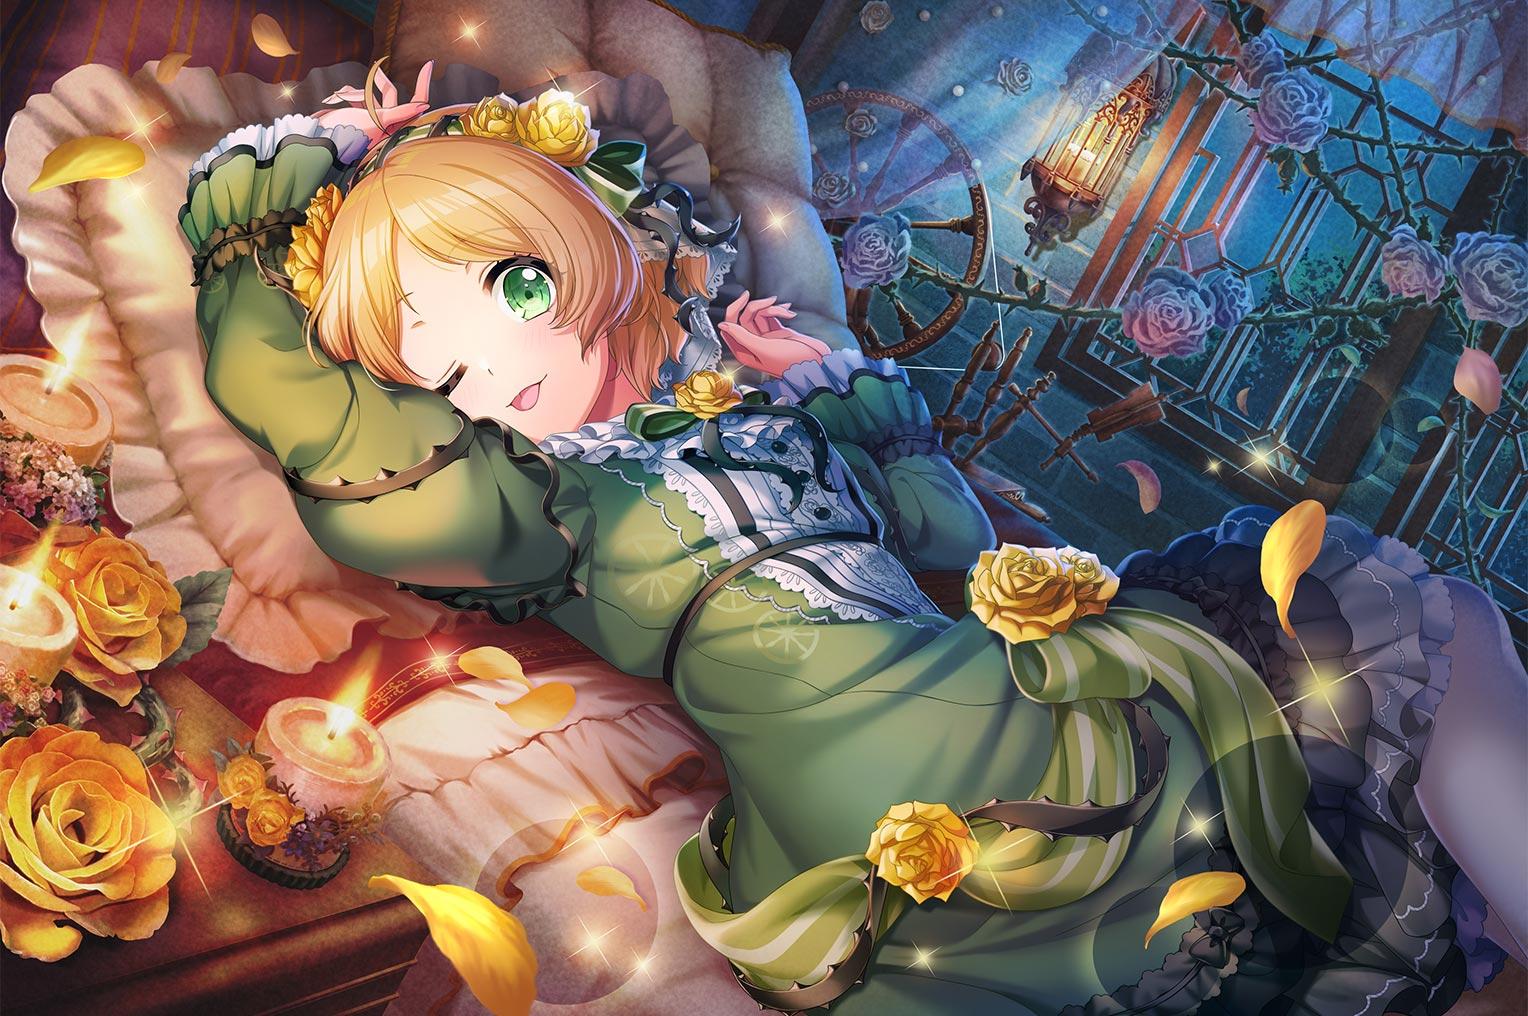 スマートフォン向けリズムゲーム「D4DJ Groovy Mix」イベント&ガチャ「Princess in Fairy tale」開催!